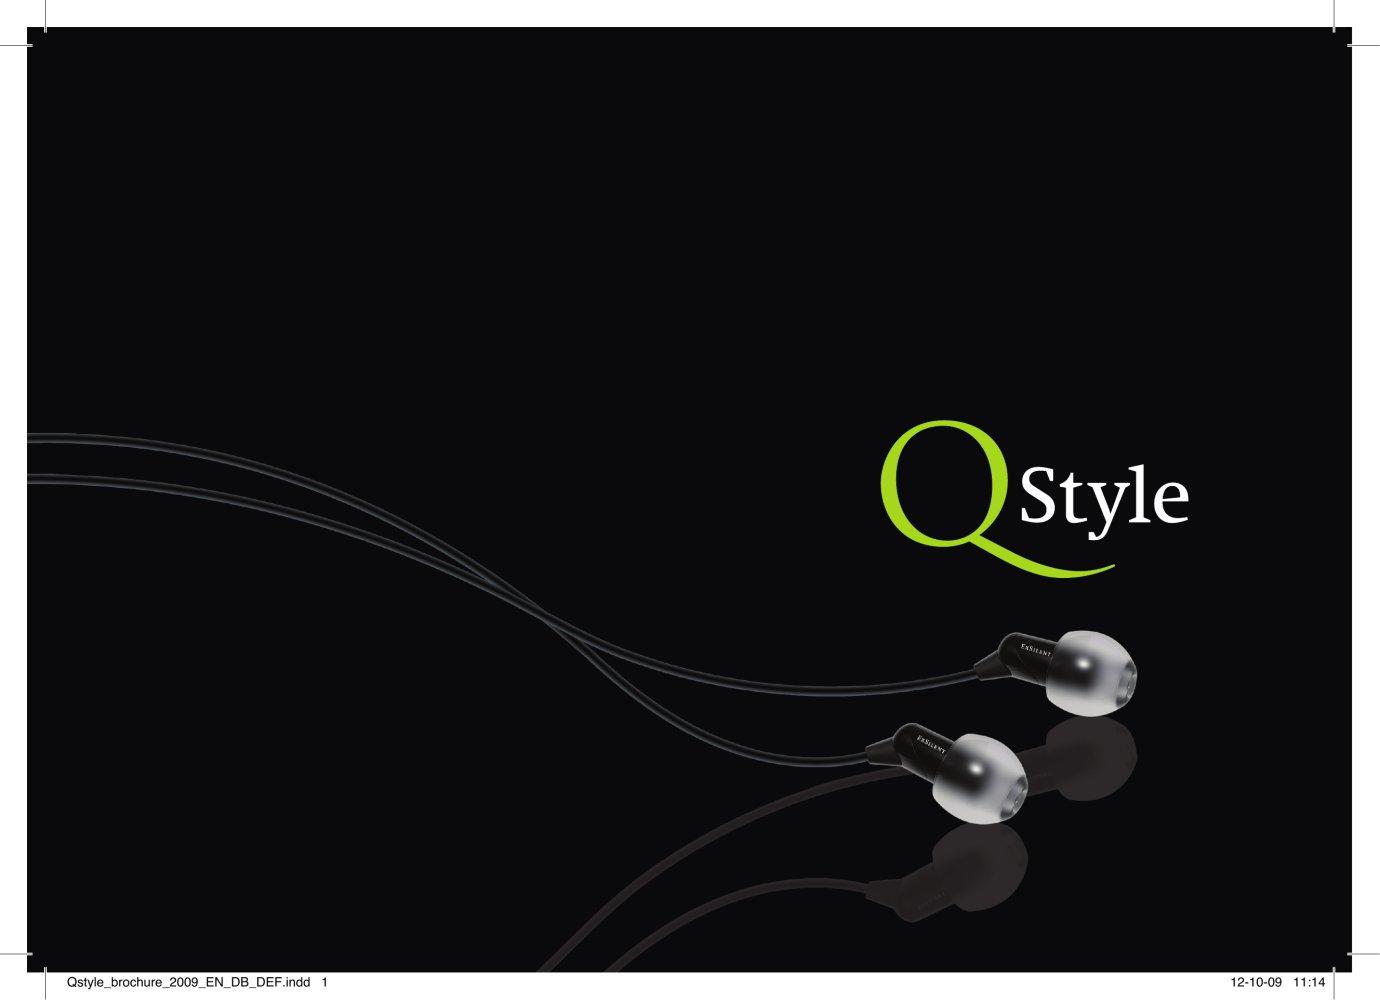 Qstyle - ExSilent - PDF Catalo...